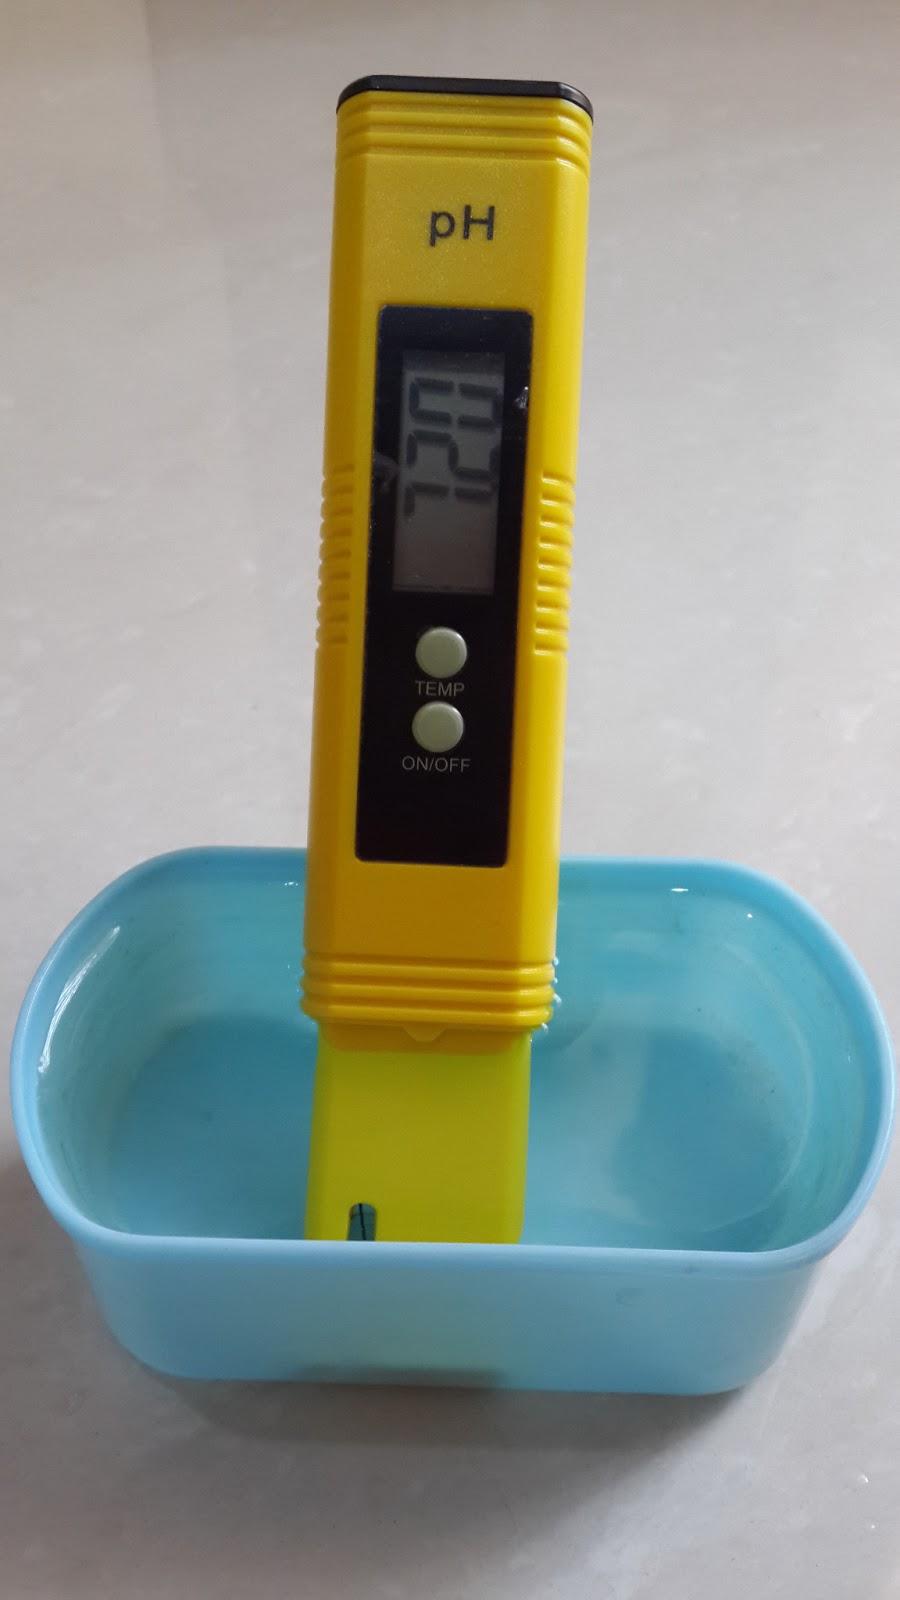 April 2016 Toko Yoni Celana Dalam Menstruasi Cd Mens Cdmens Anti Darah Digital Ph Meter Manual Calibration Bubuk Kalibrasi